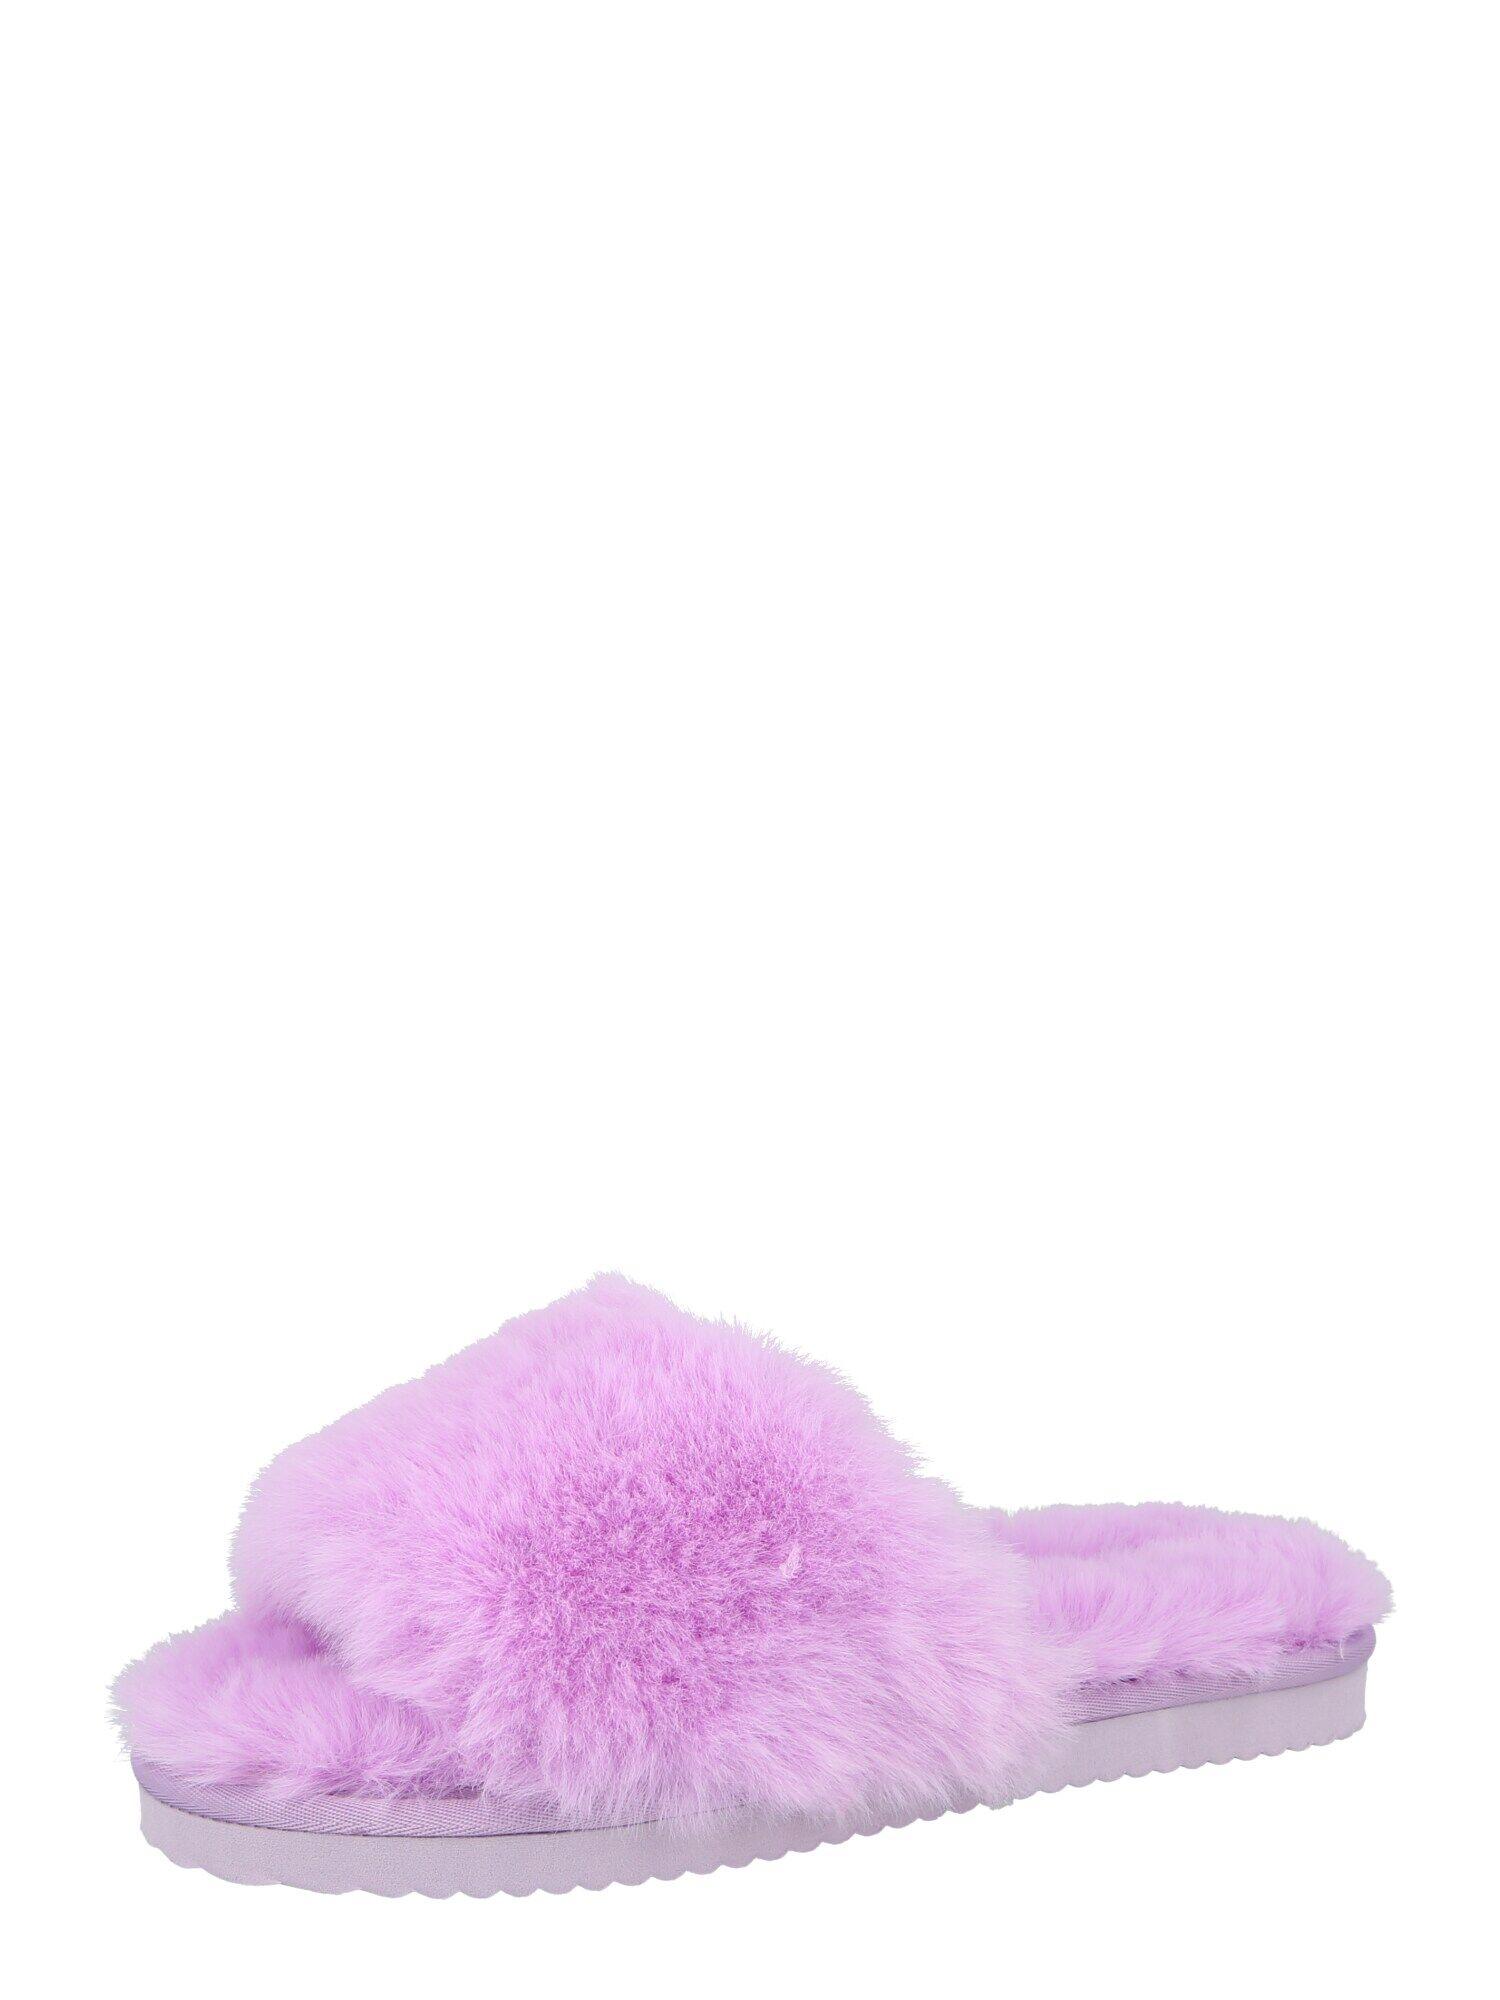 FLIP*FLOP Pantoufle  - Violet - Taille: 39 - female